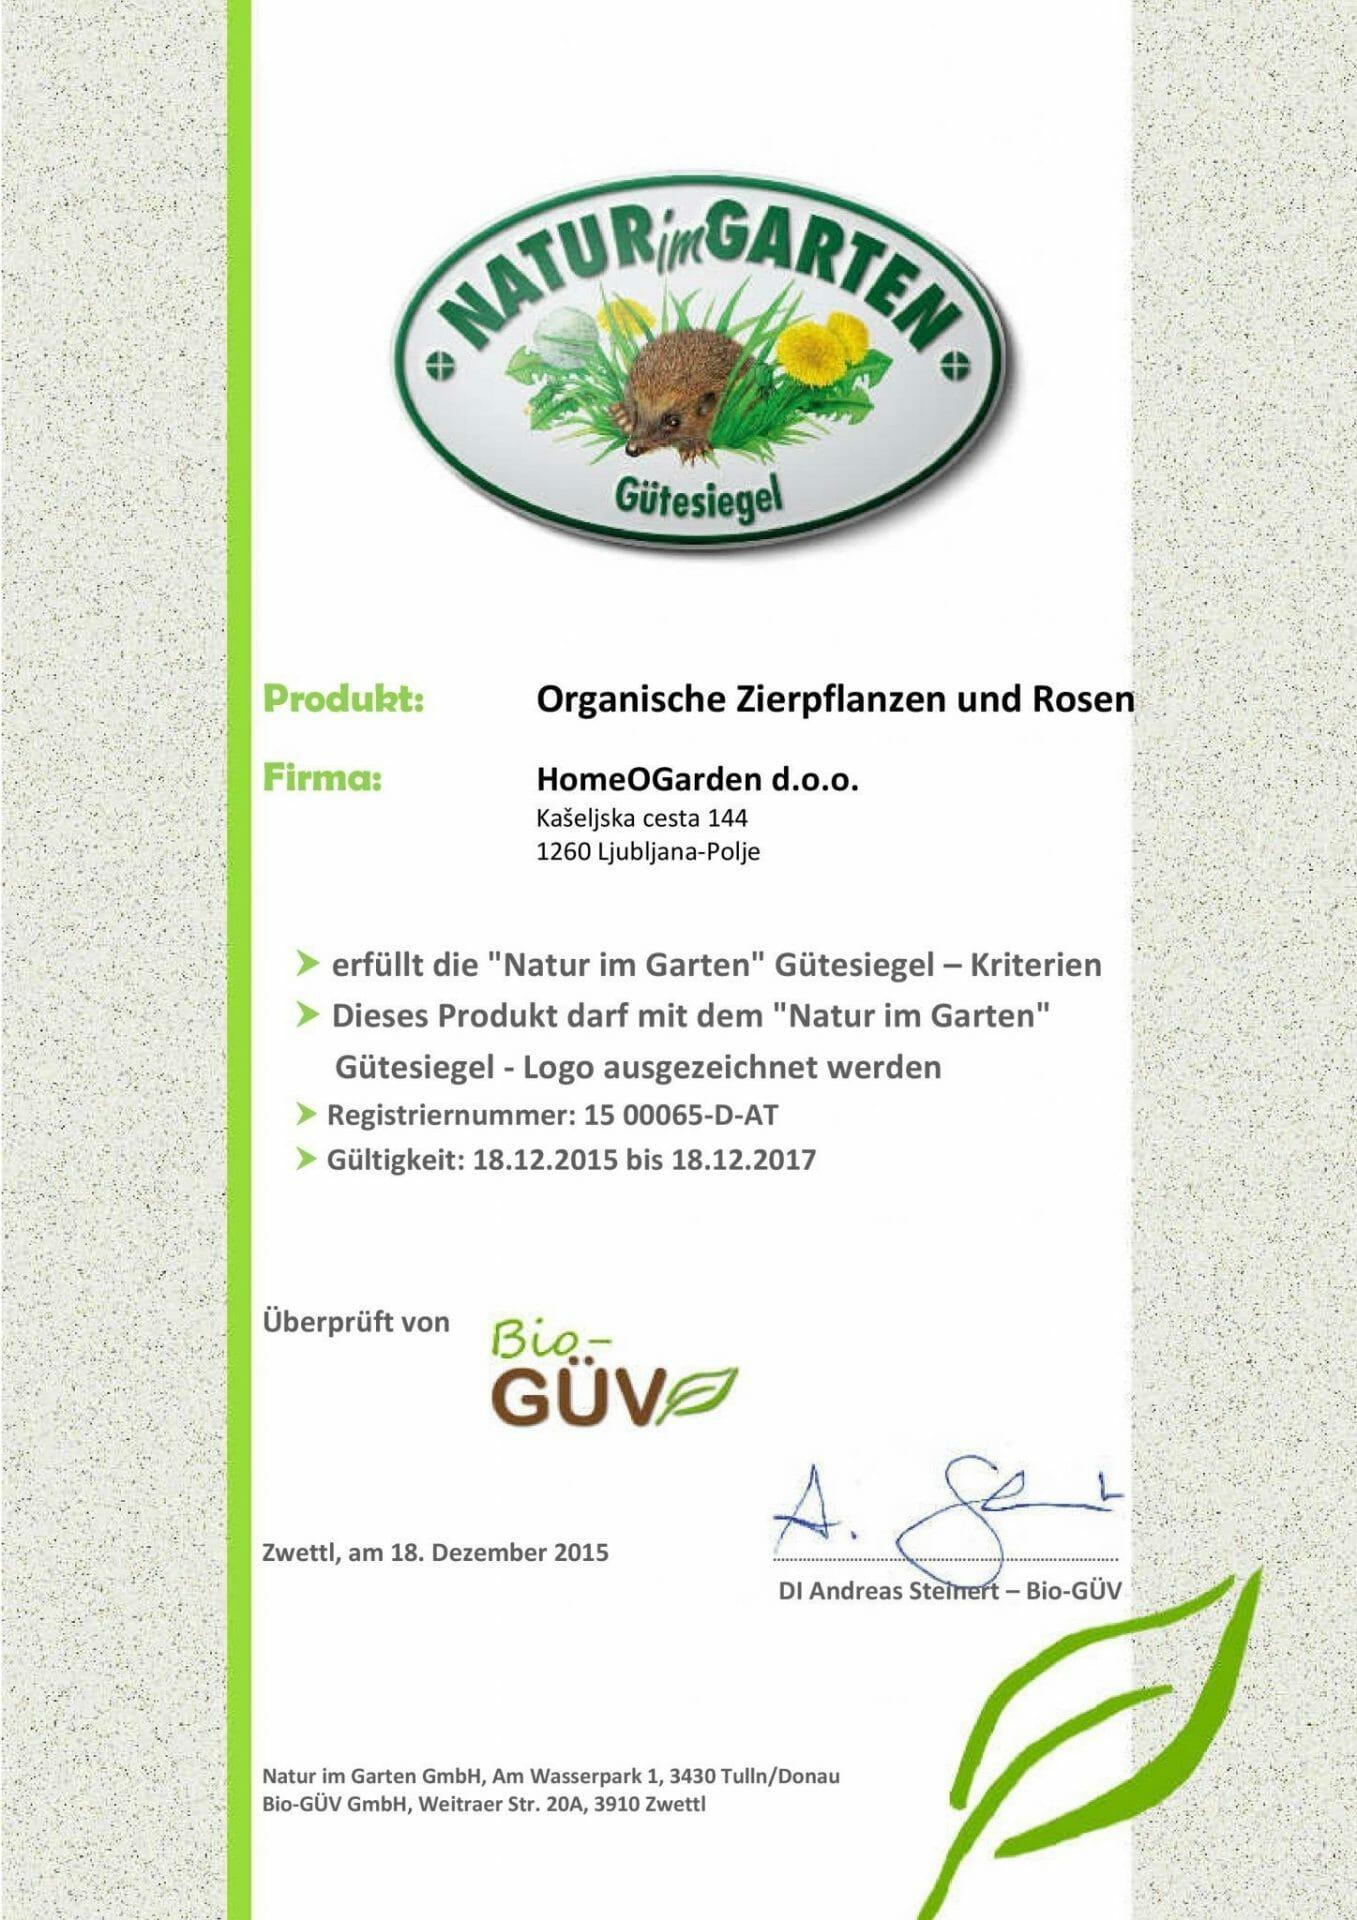 65. HomeOGarden, Organische Zierpflanzen und Rosen-page-001